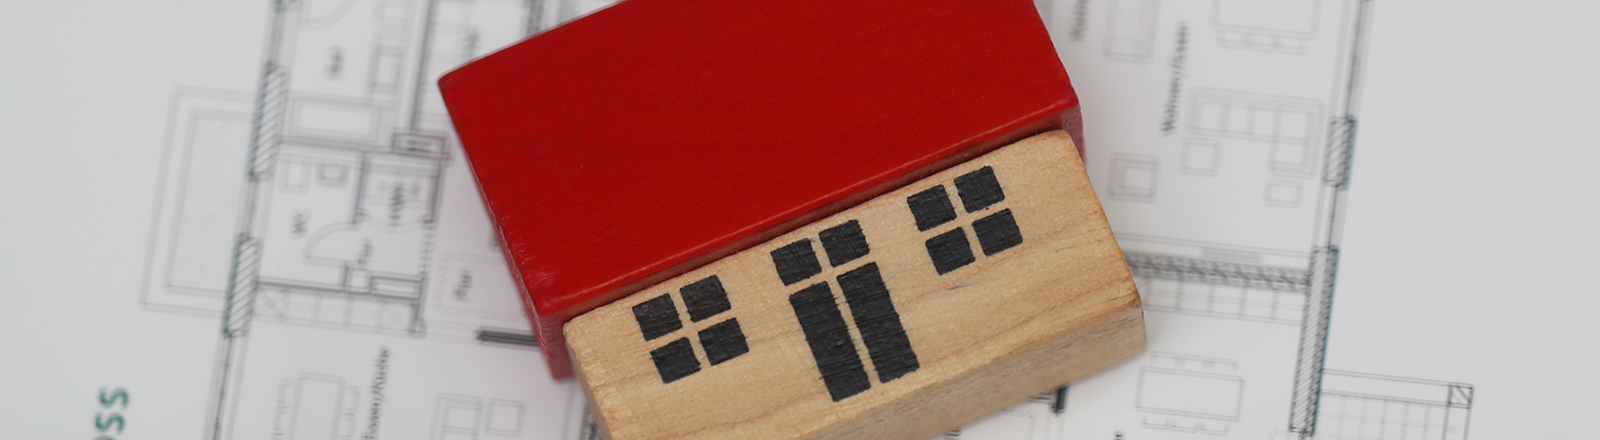 Ein Bauklotz in der Form eines Hauses liegt auf dem Grundriss einer Wohnung.